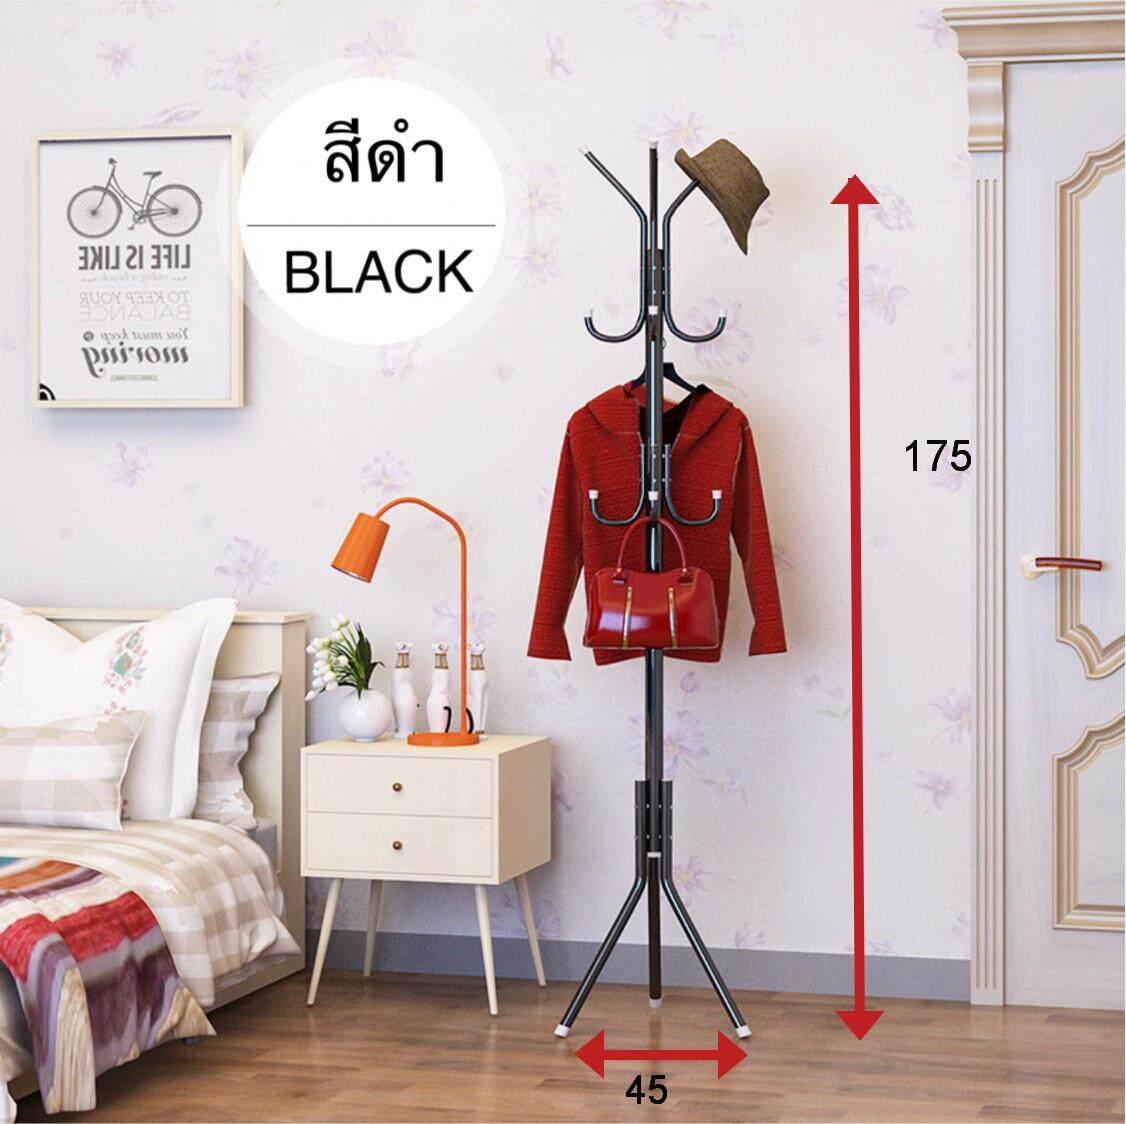 Hst ราวแขวนอเนกประสงค์ ที่แขวนหมวกและเสื้อ ที่แขวนเสื้อผ้า ที่แขวนกระเป๋า ราวตากผ้าโค๊ท 3ชั้น Coat Rack - สีดำ Y - 7 By Home Style.